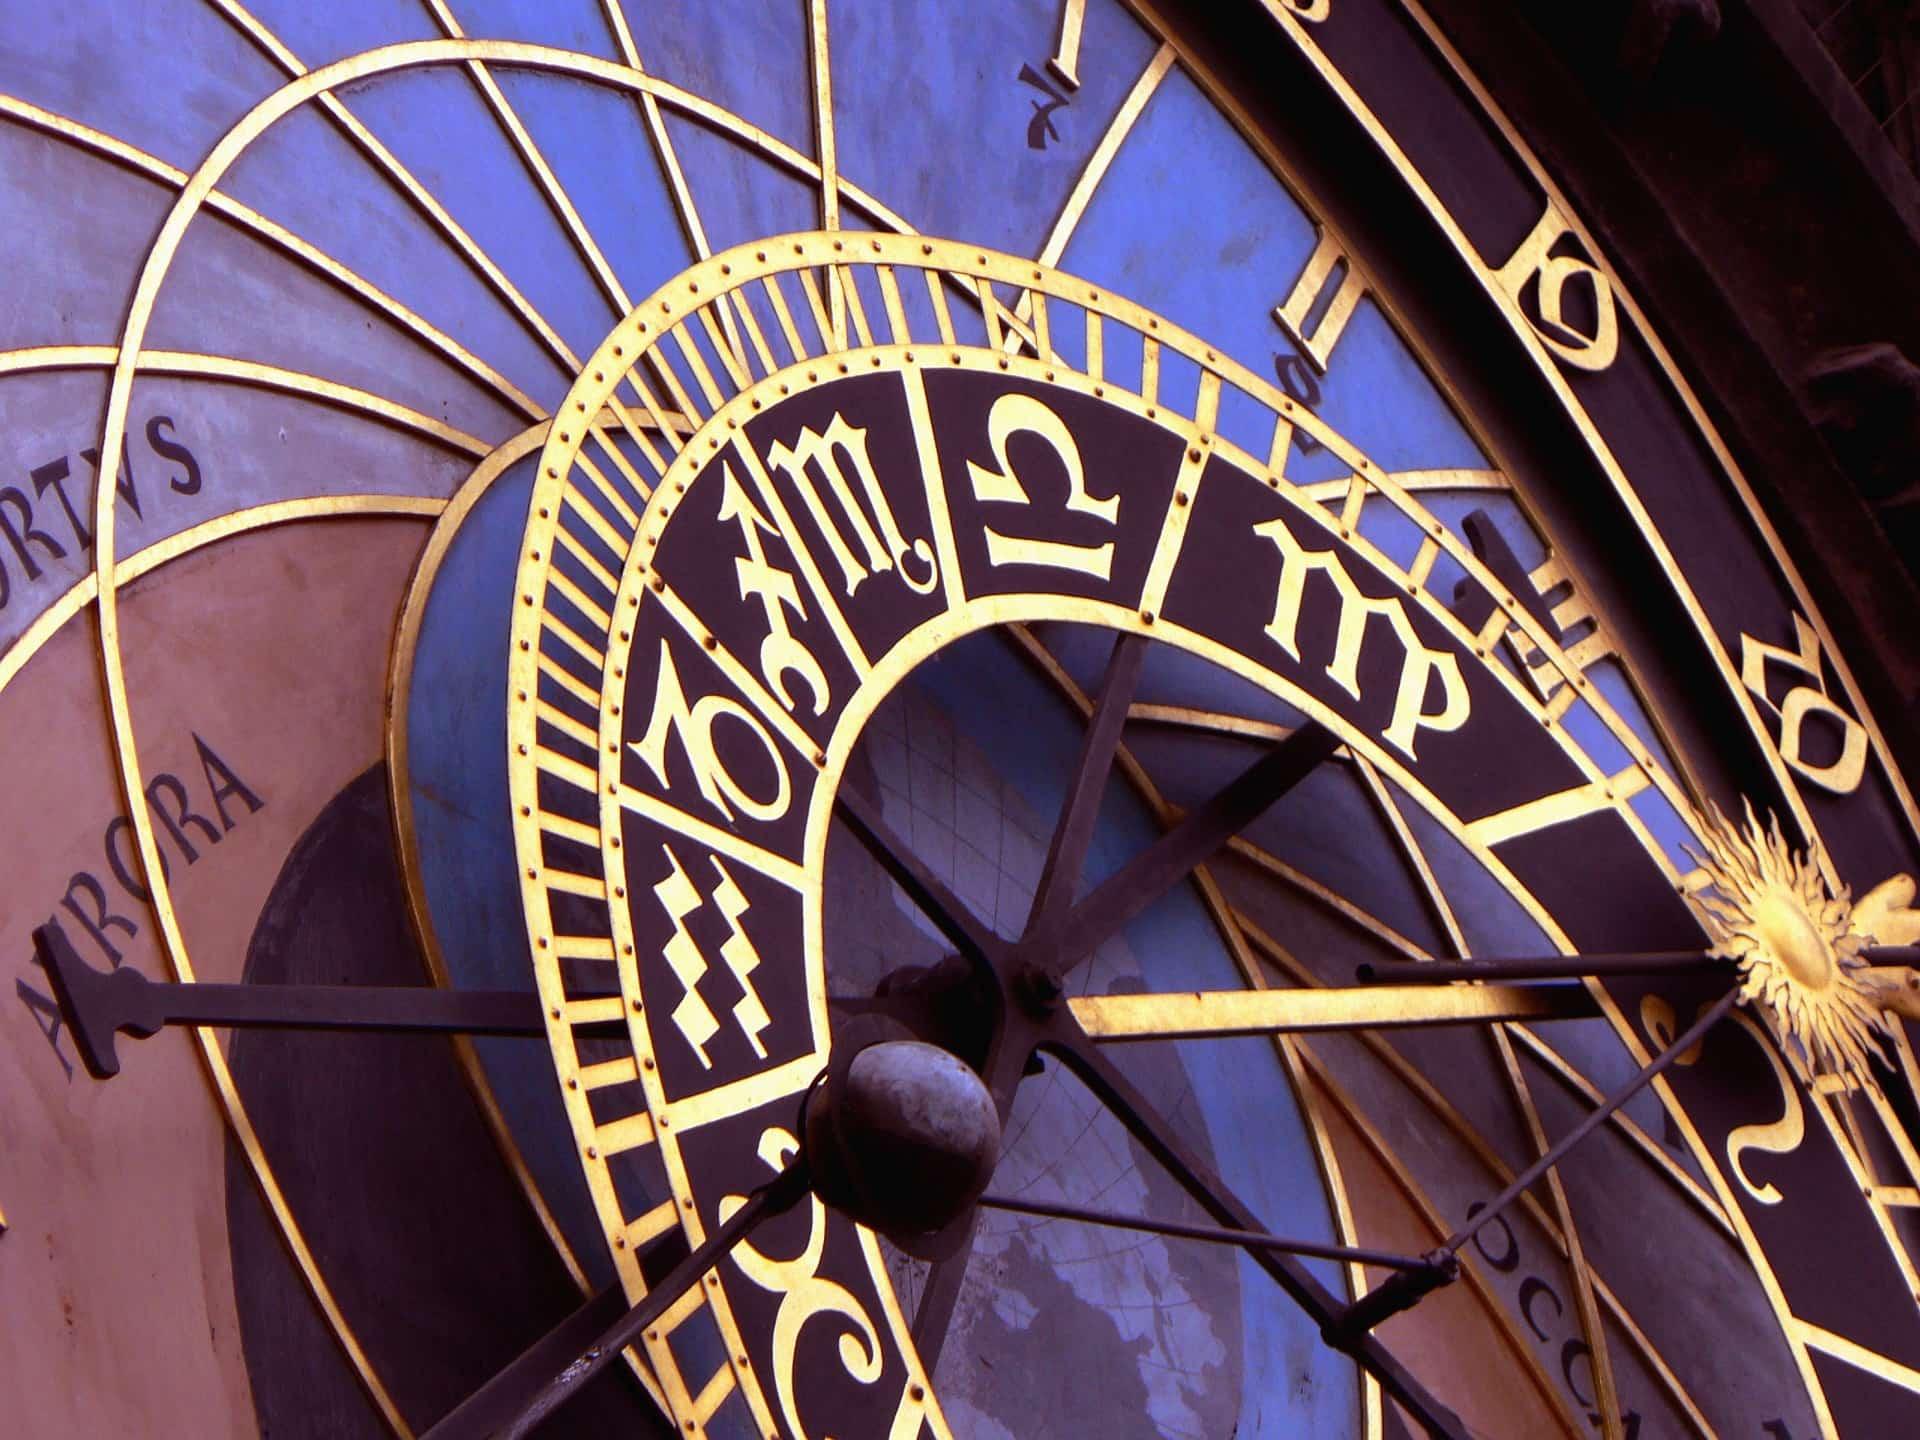 Какой твой истинный знак зодиака по ведическому гороскопу и что всё это значит Советы,Гороскоп,Знаки,Зодиак,Судьба,Характер